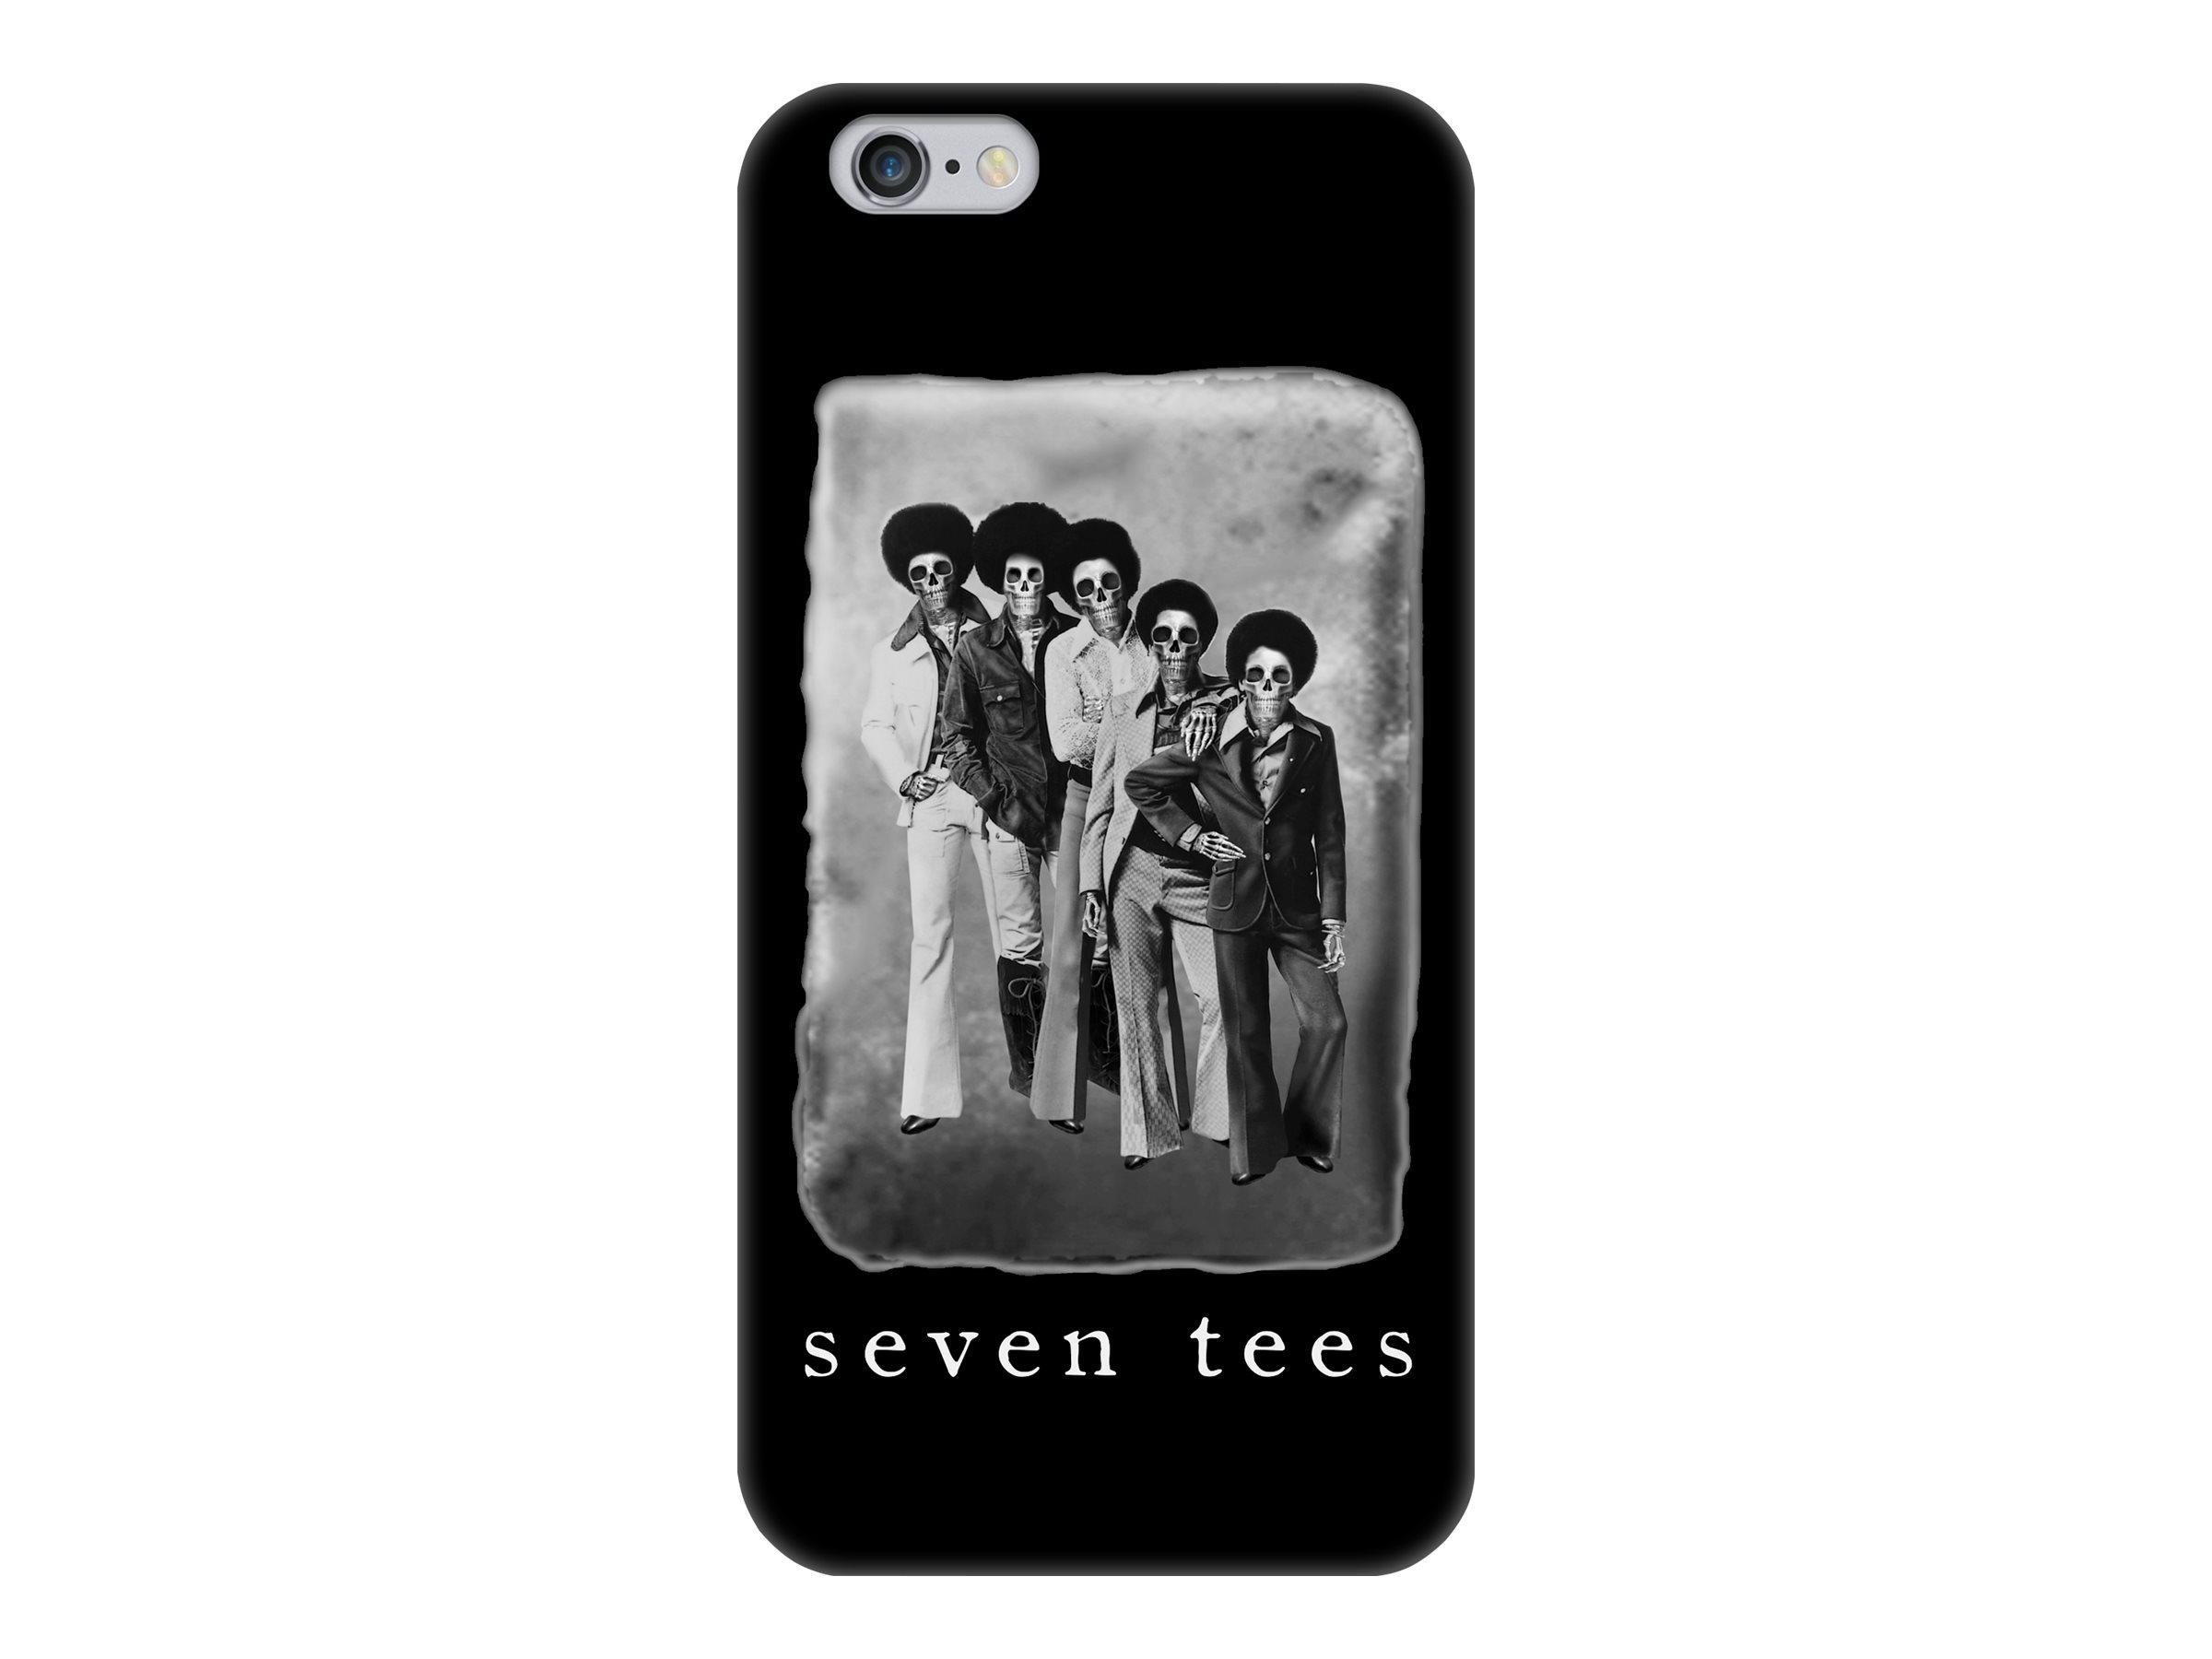 Seventees Jackson 5 coque de protection pour téléphone portable